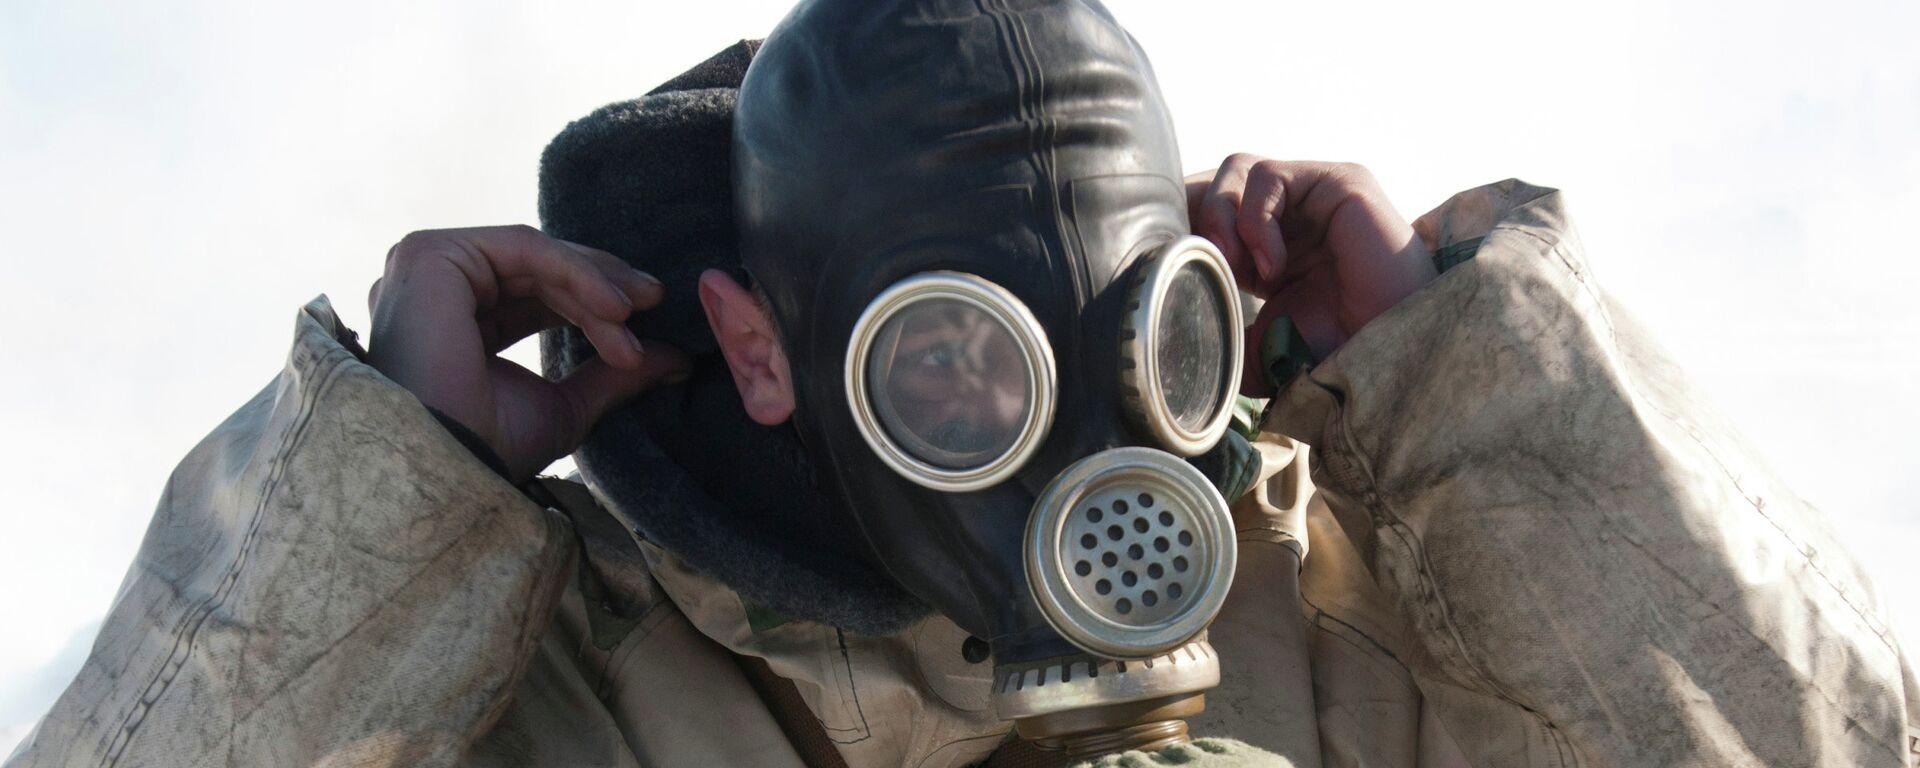 Άντρας φορά μάσκα αερίων - Sputnik Ελλάδα, 1920, 06.10.2021